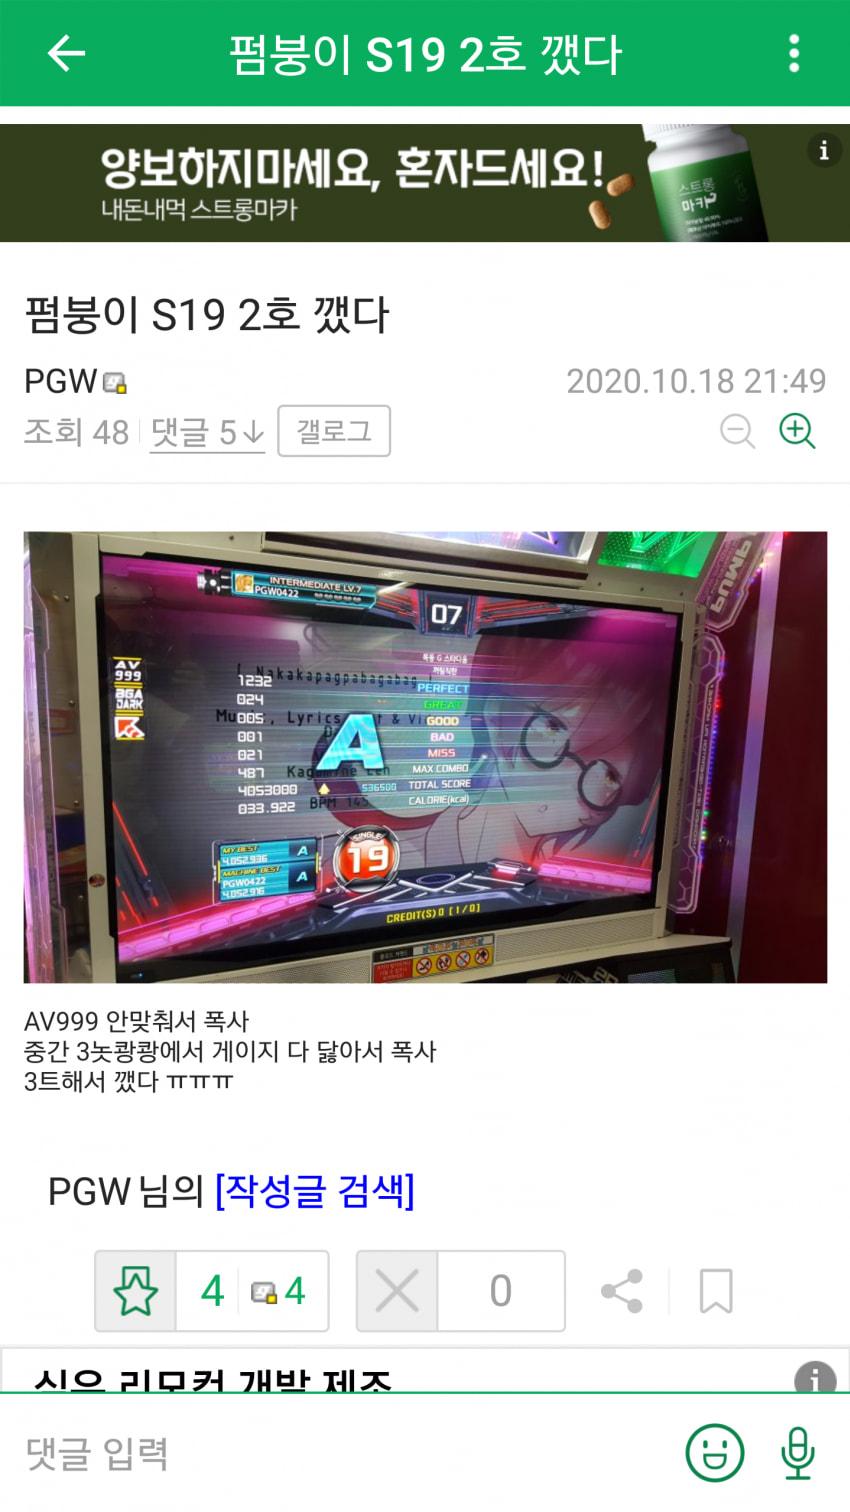 viewimage.php?id=3da8dd36ecc62db6&no=24b0d769e1d32ca73dec87fa11d0283123a3619b5f9530e1a1316068e3dbca0e2820e42a6ecb1327fcfb3e884c9c90ae191381575d378aa687101cad93a234f1ba5639a395175441b40adcd7b5decdb8c82f479a7ec00c3e2a7456d8231409f8a82e